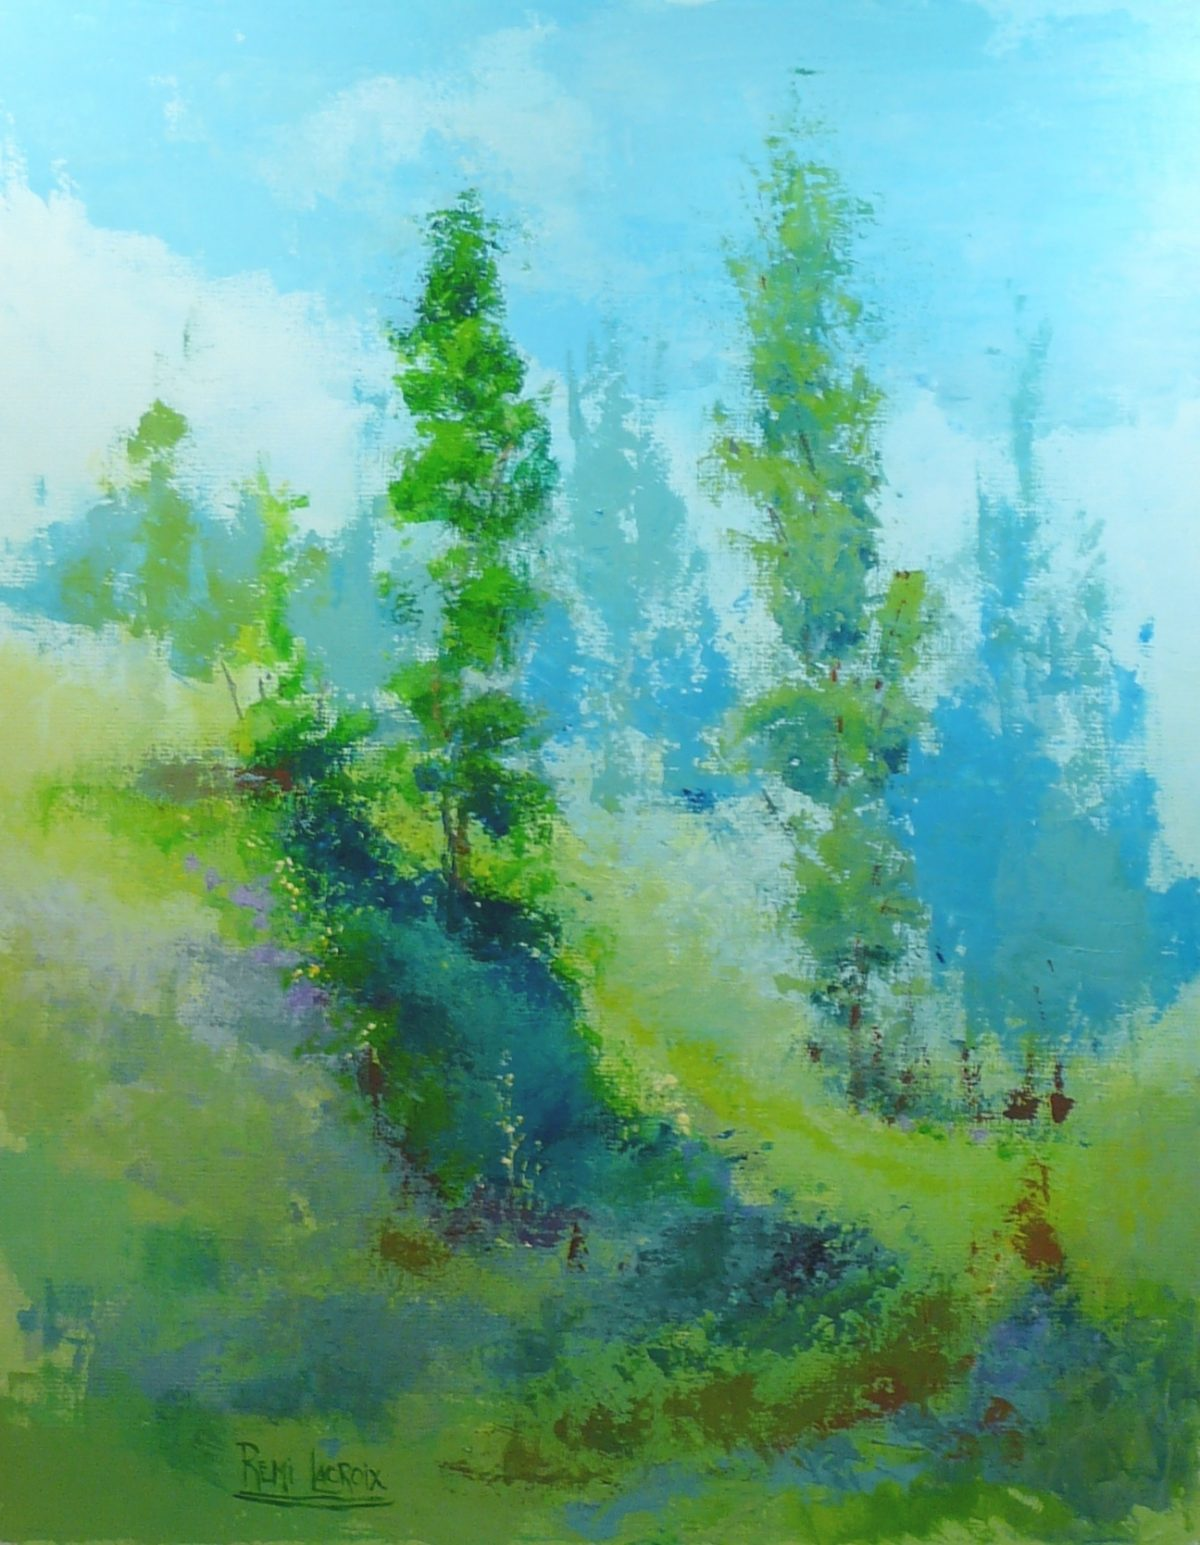 Dans les collines no 12 - 30x24po - Acrylique sur toile (disponible)